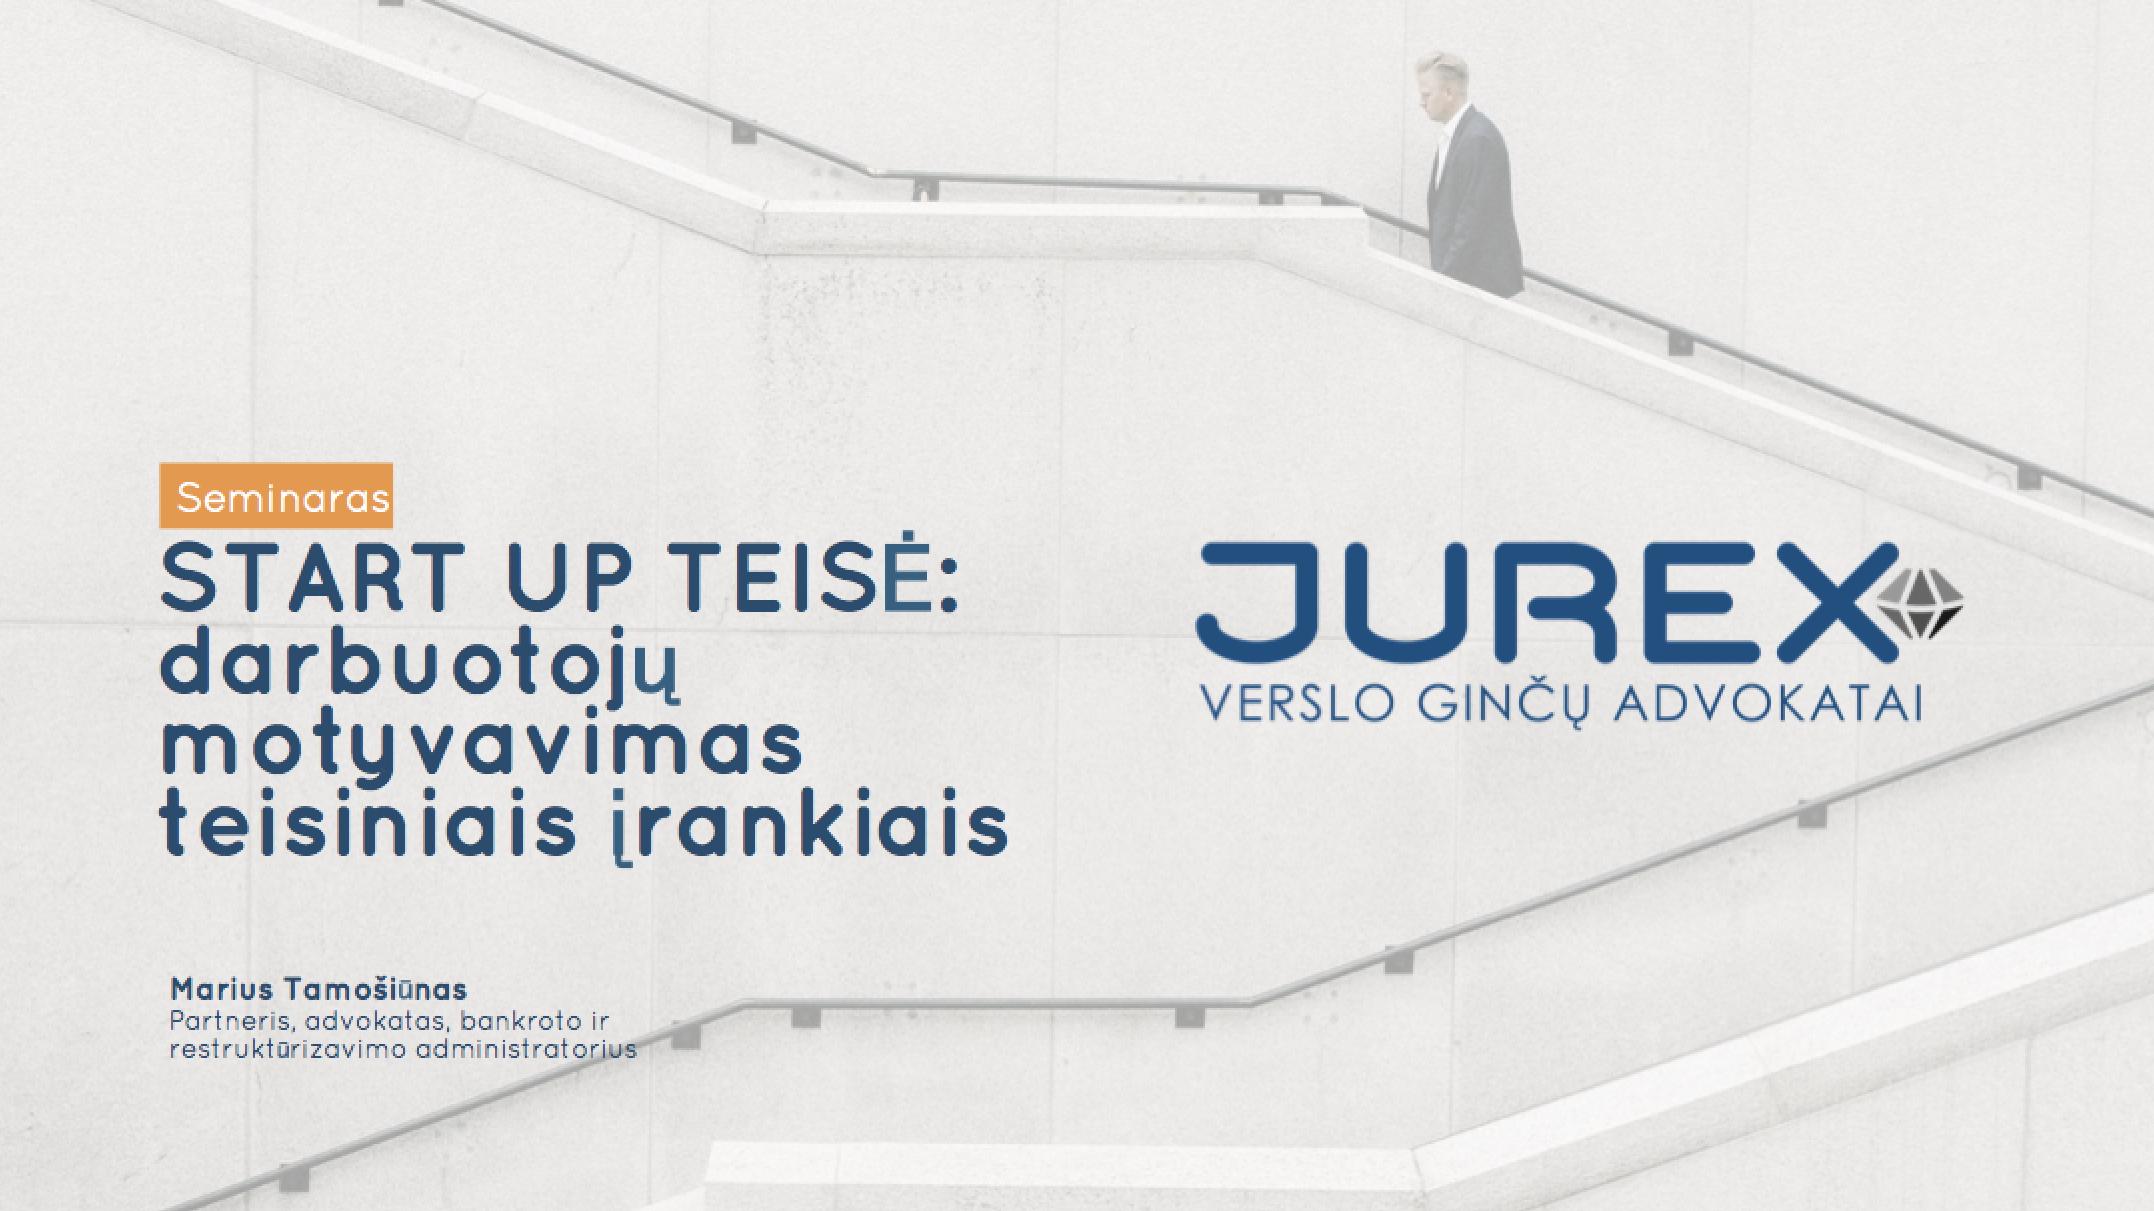 Marius Tamošiūnas – Darbuotojų motyvavimas teisiniais įrankiais